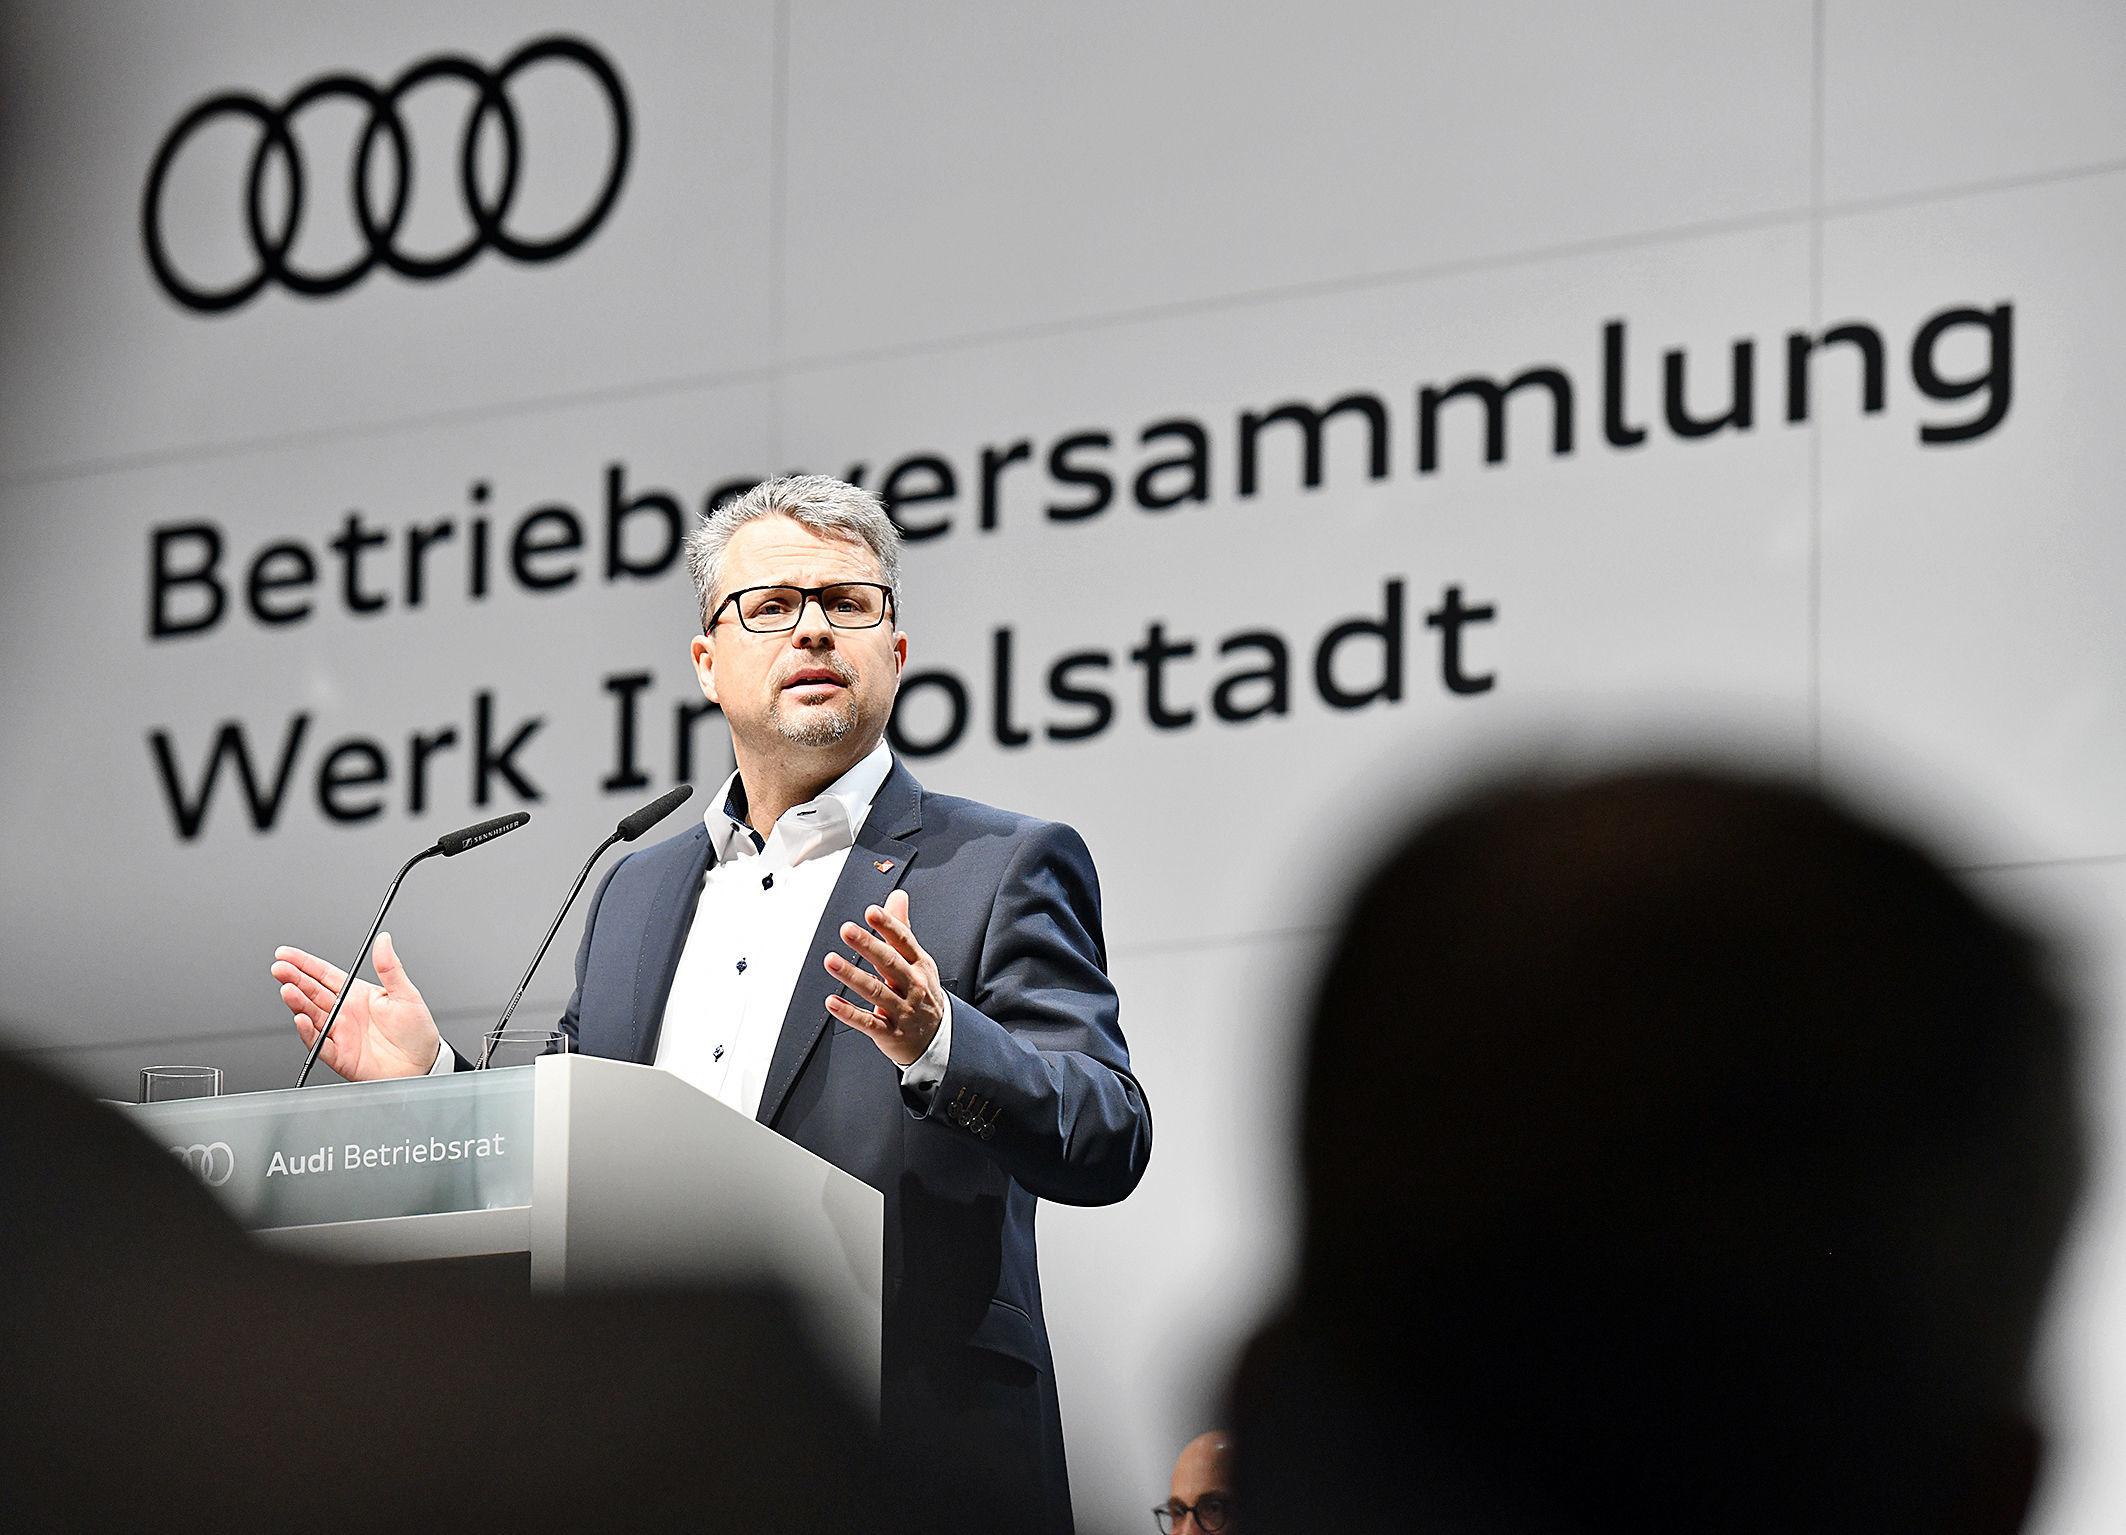 Betriebsrat setzt Batteriemontage für Ingolstadt durch